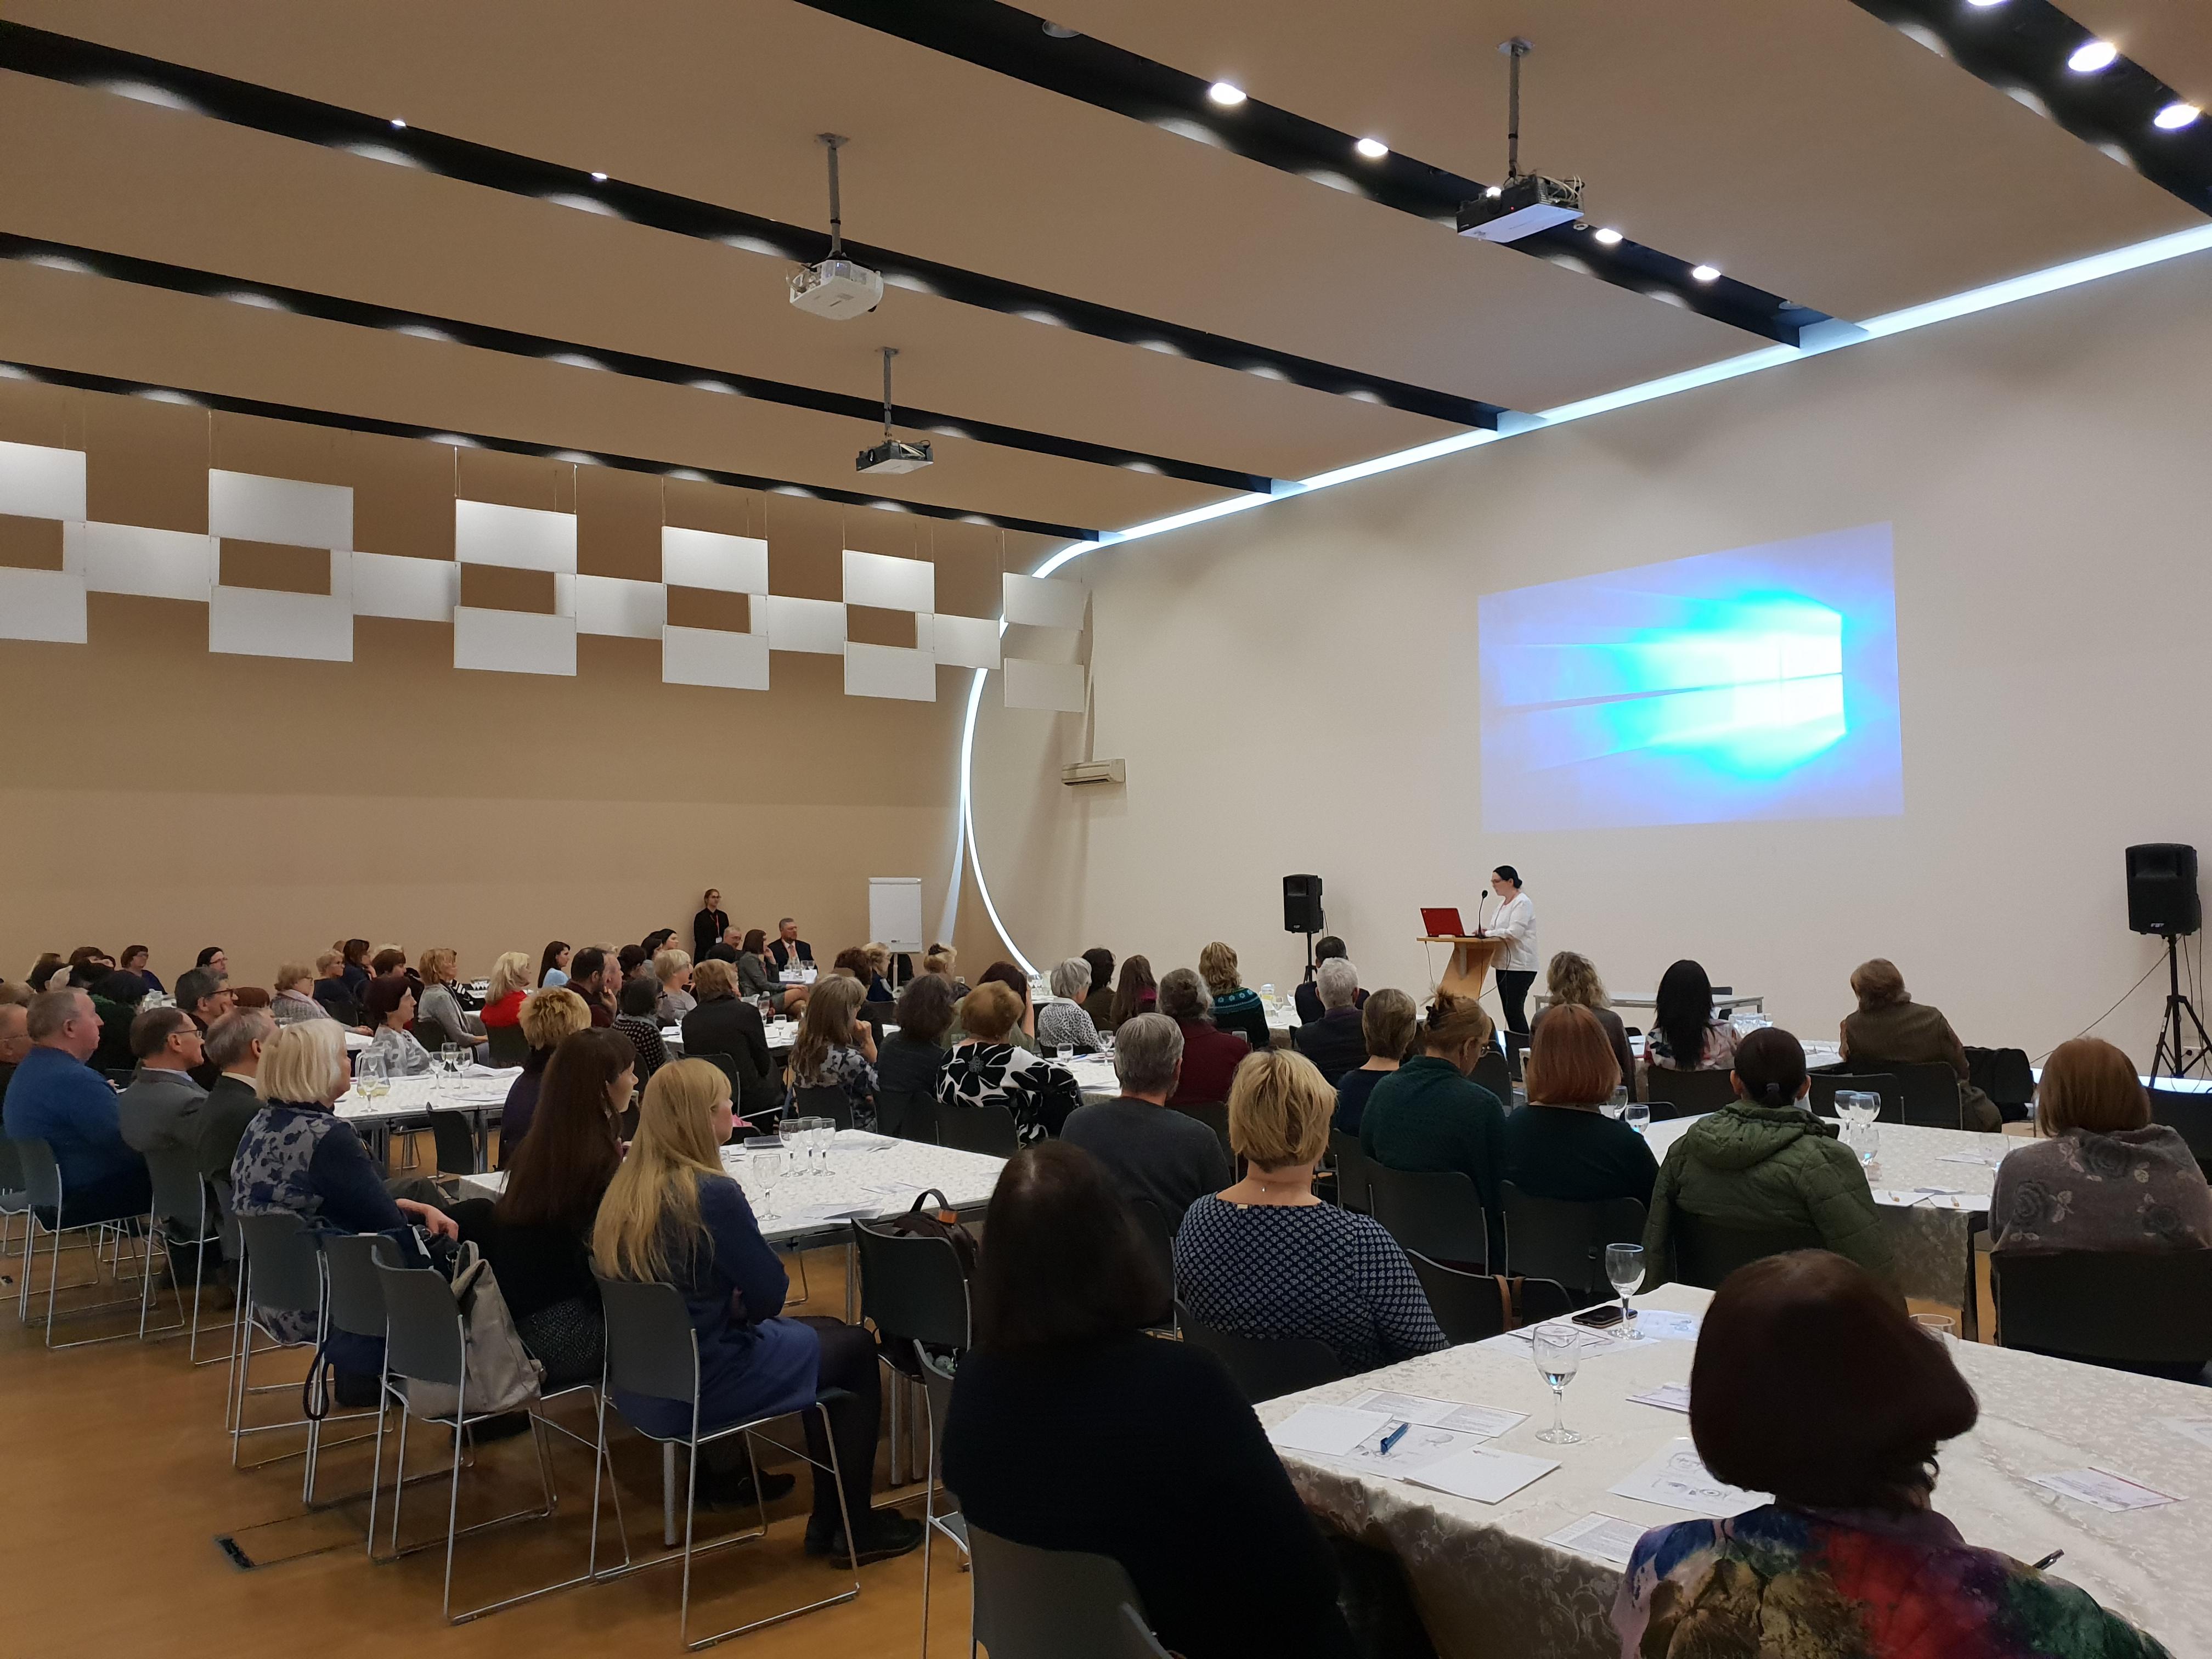 Konferencija Gydytojų specialistų bendradarbiavimas vidaus ligų diagnostikos ir gydymo srityje: 2019 m. pavasaris, naujienos